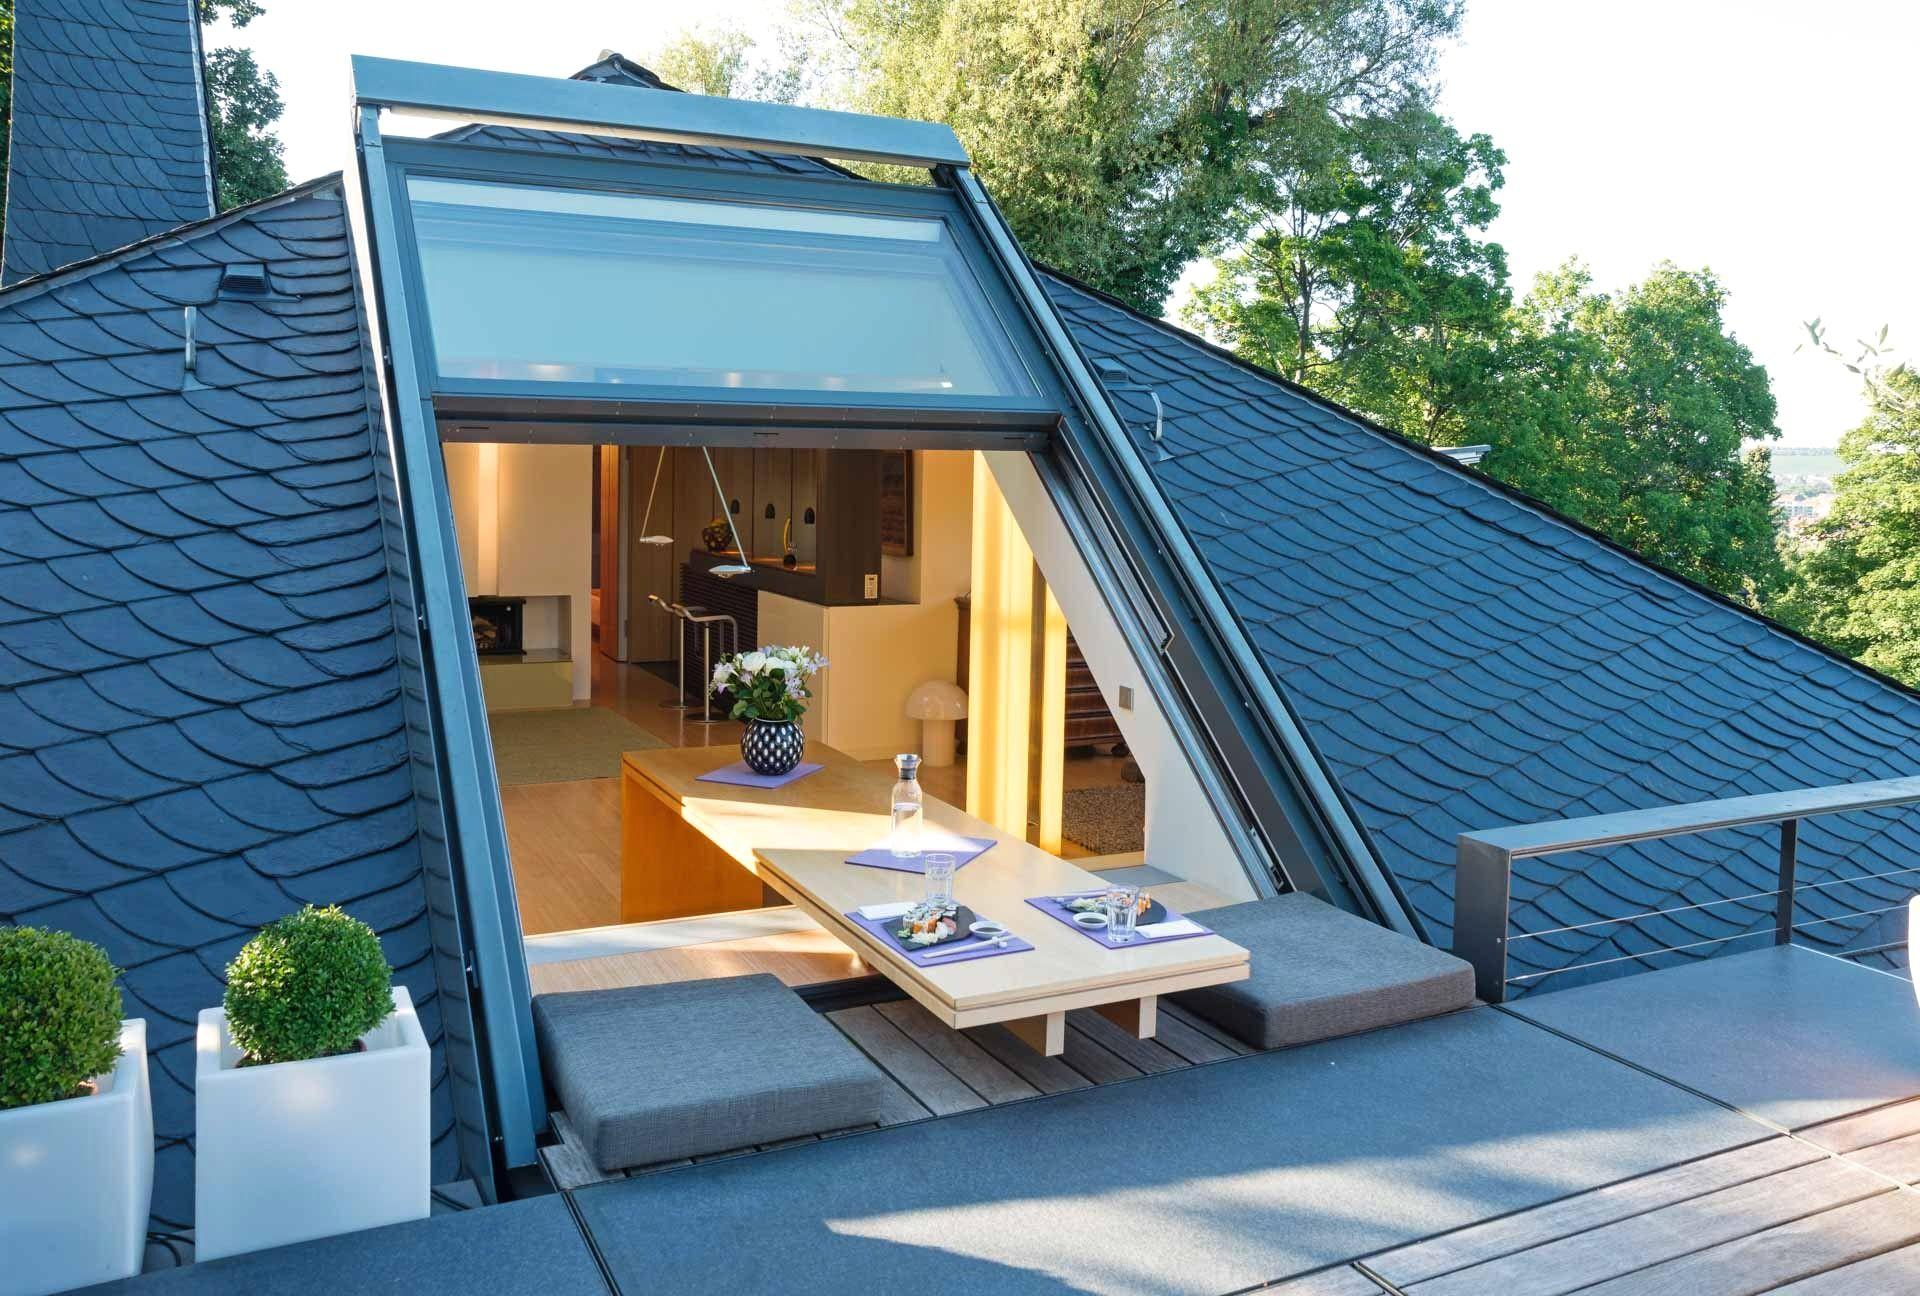 Fabulous Bildergebnis für kosten dachfenster nachträglich einbauen HI53